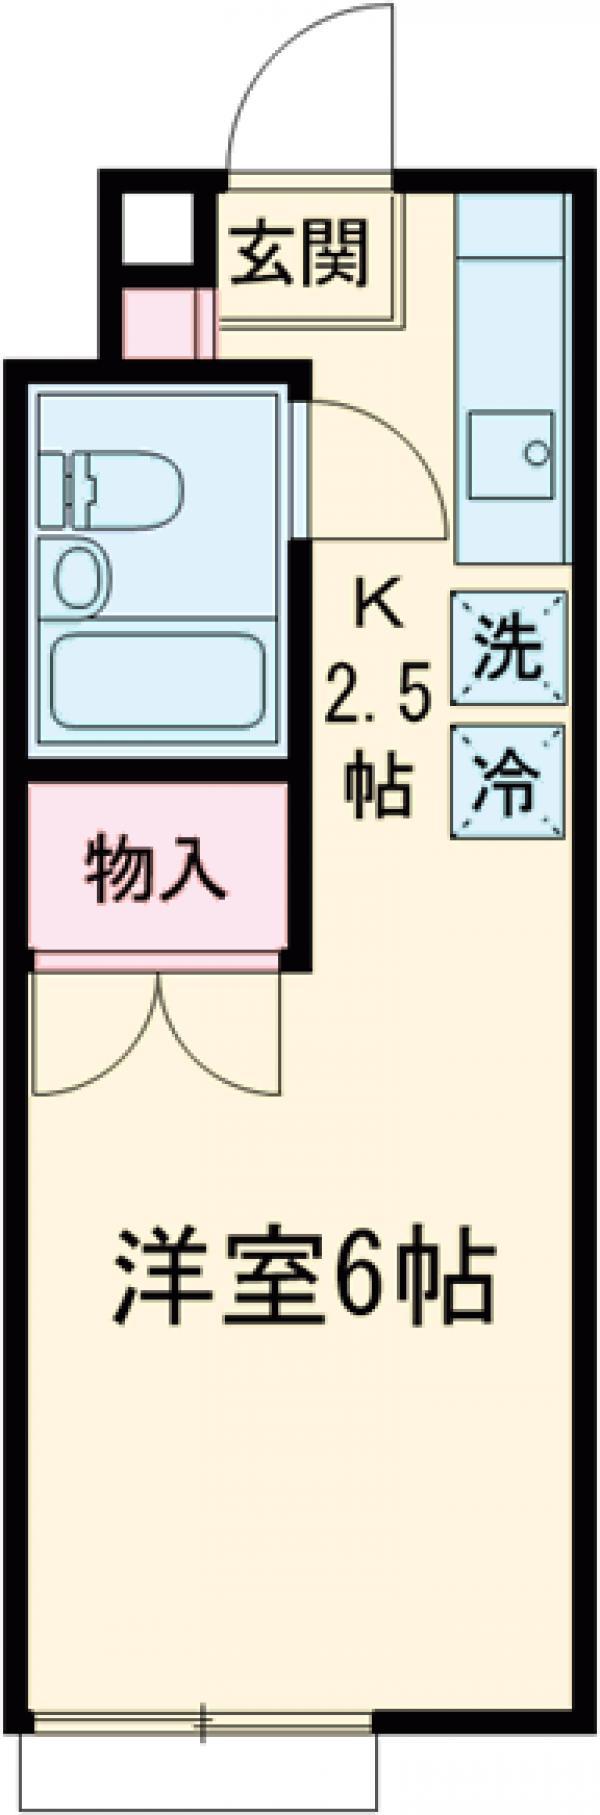 立川栄町フラットA棟・103号室の間取り